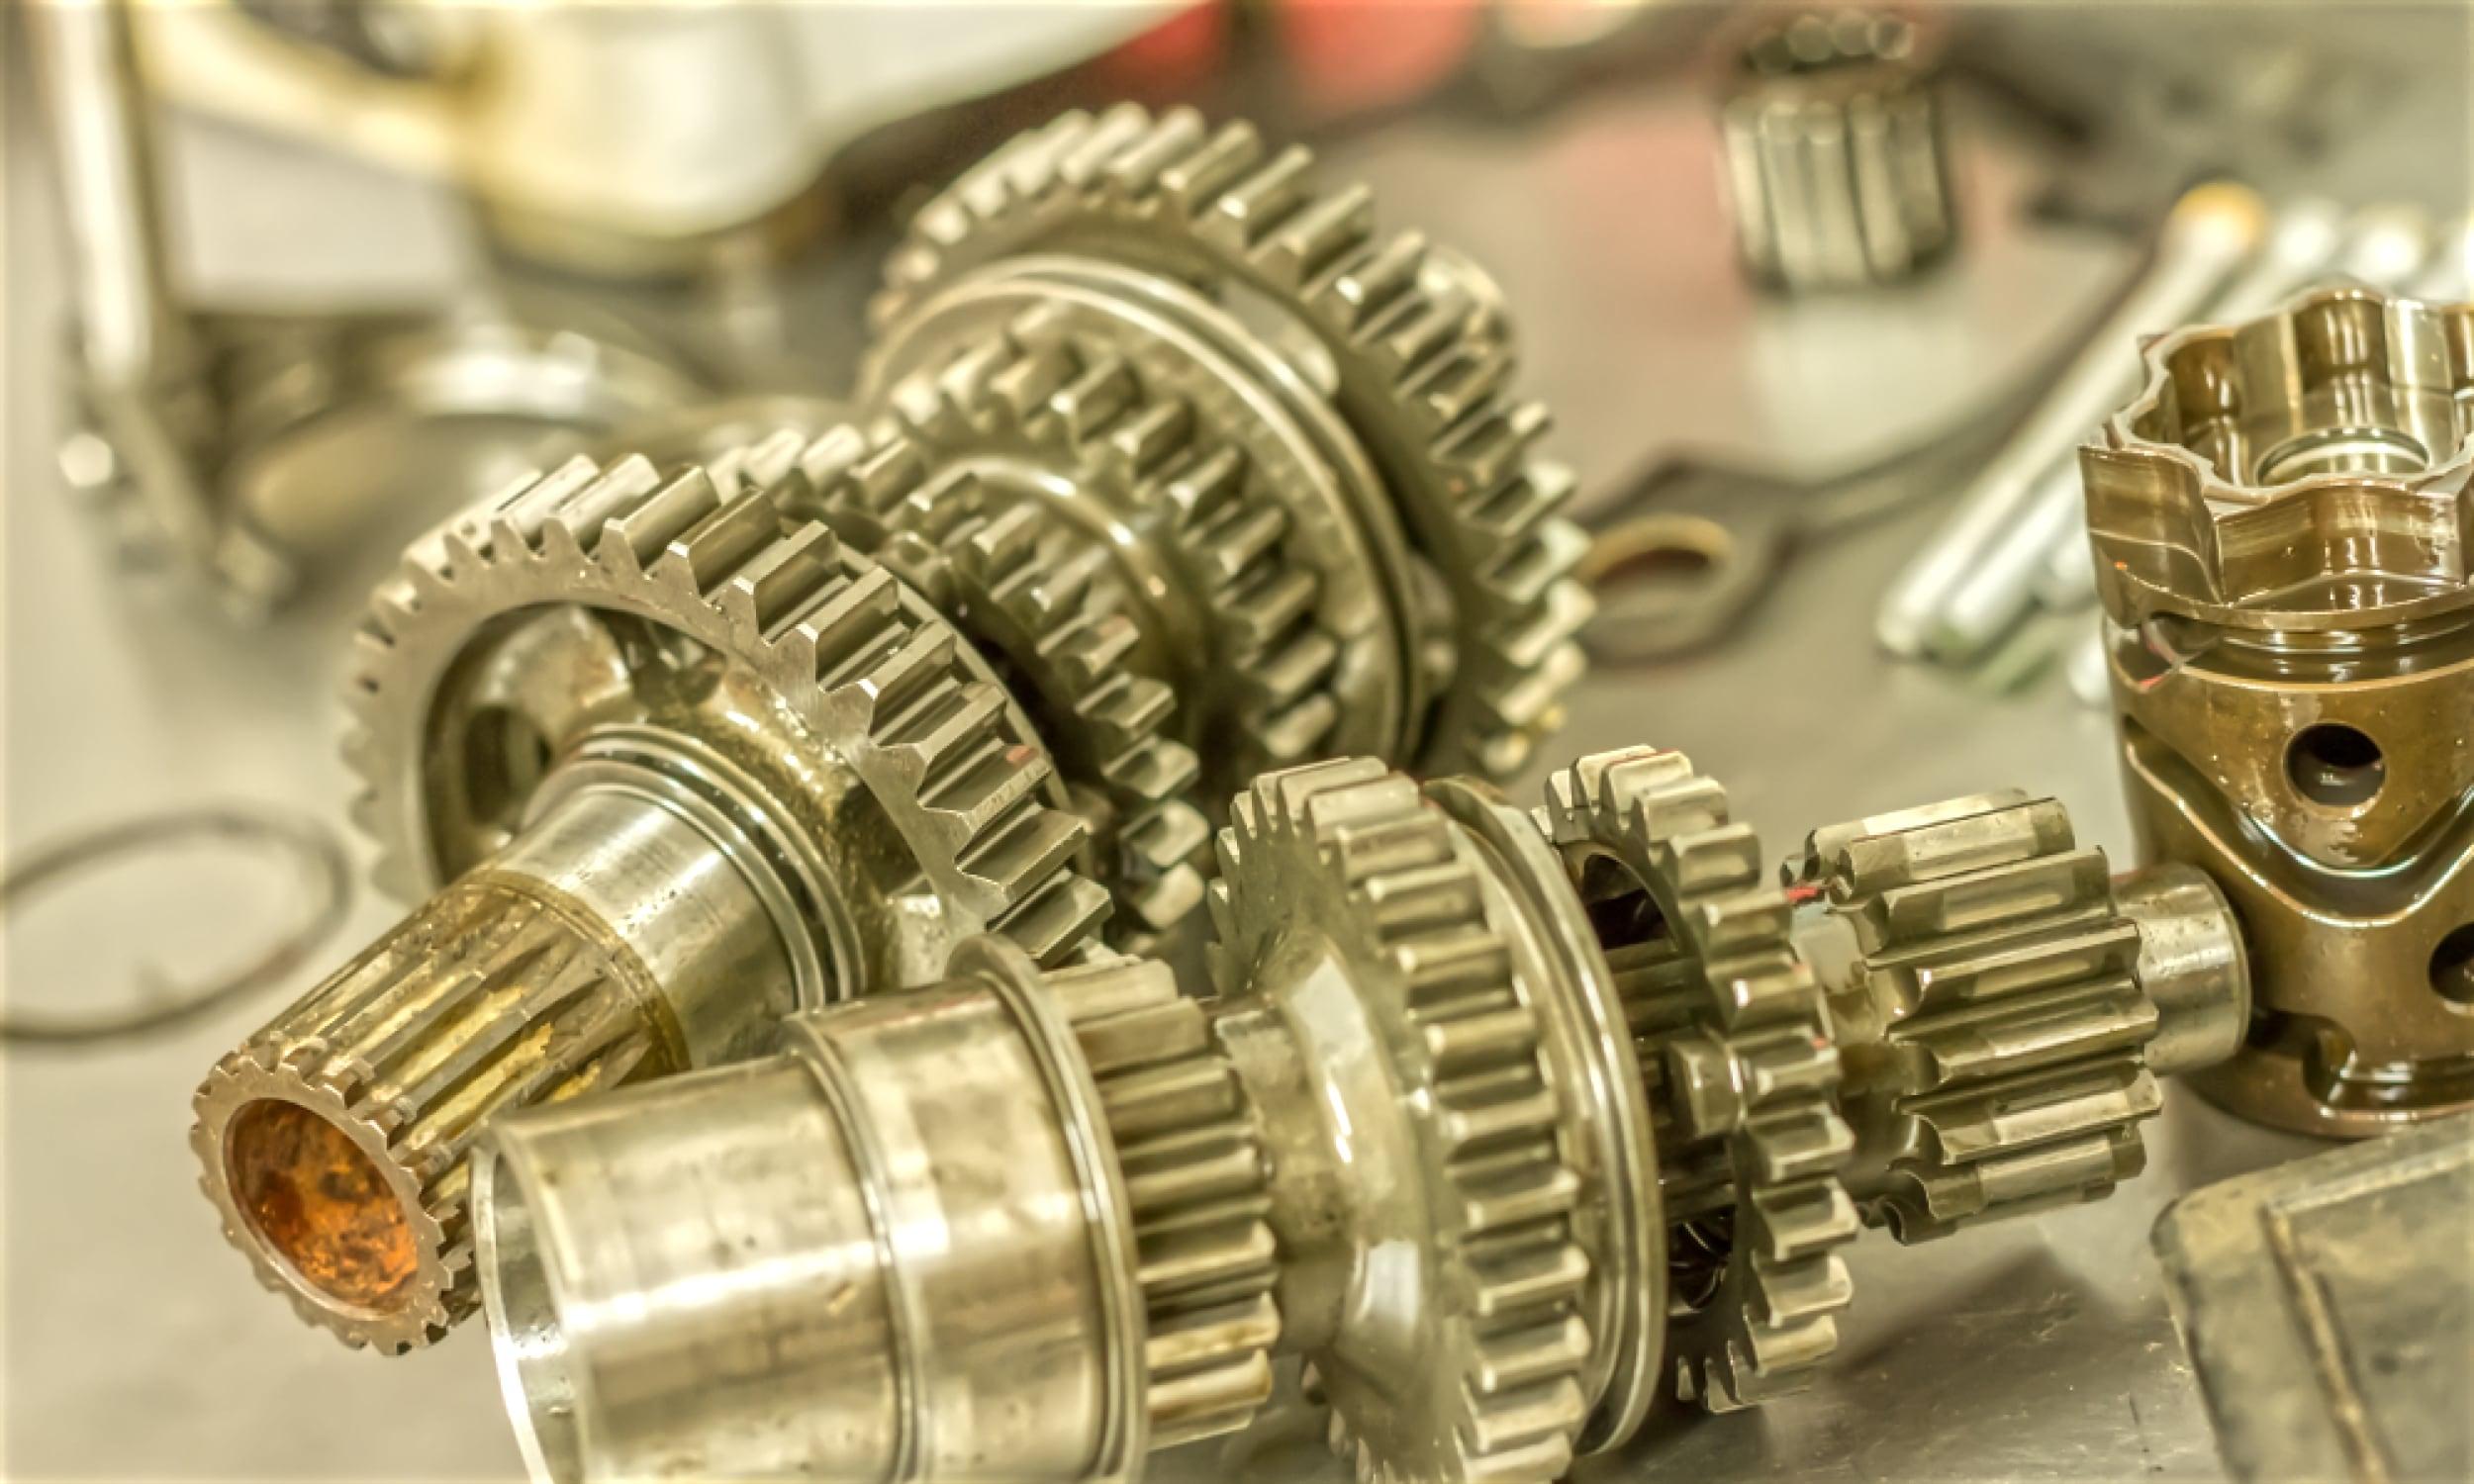 Decapaggio metalli, trattamento chimico di decapaggio metalli